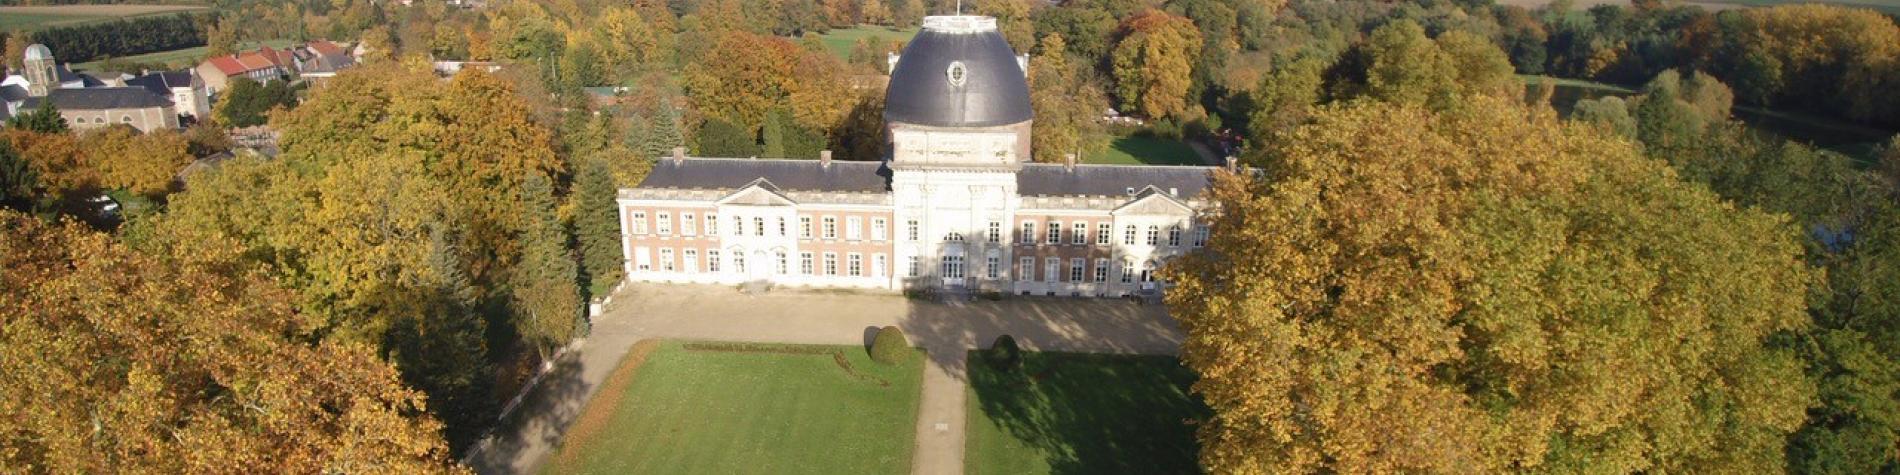 Château d'Hélécine - vue aérienne